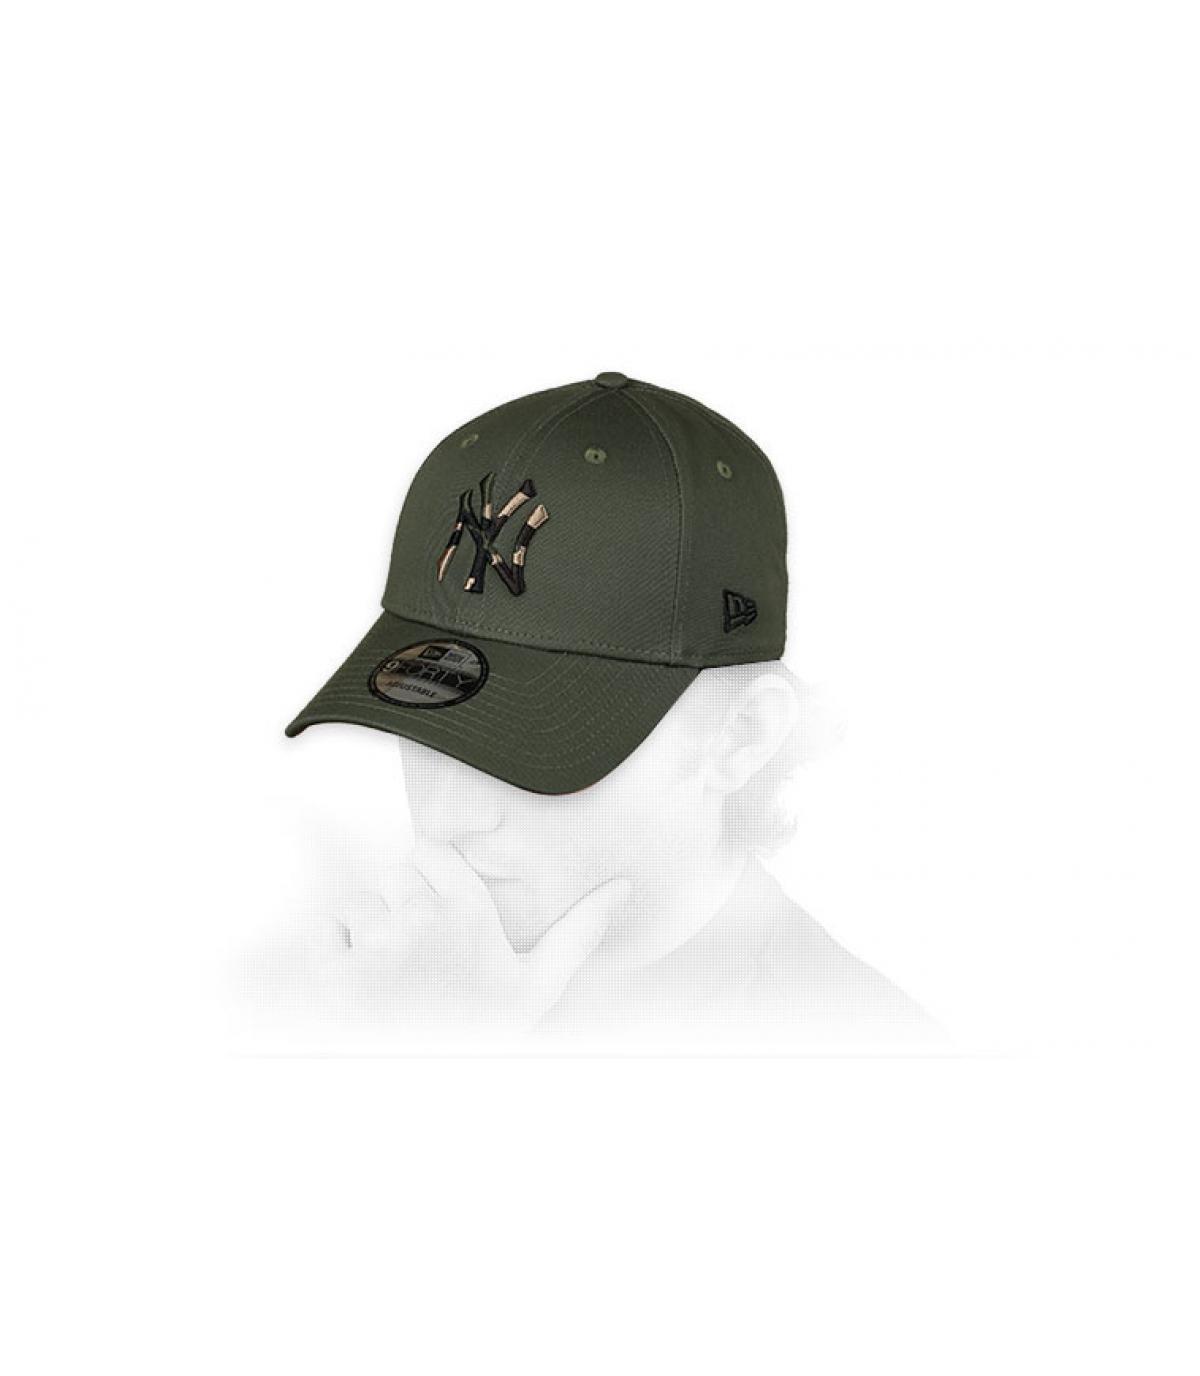 green camo NY cap